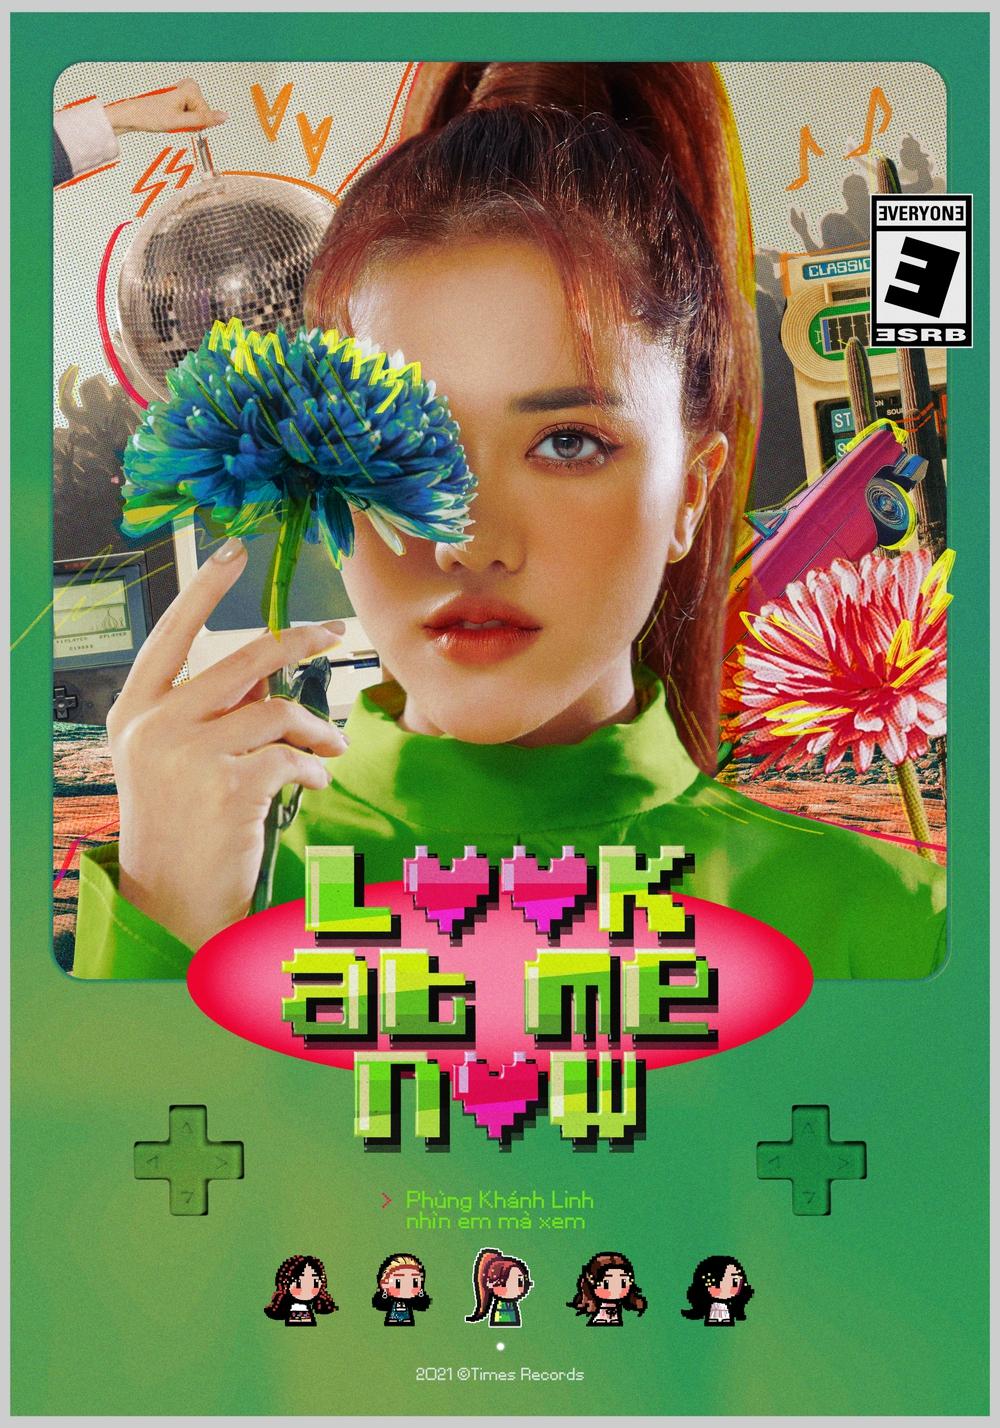 Hình ảnh Phùng Khánh Linh được quảng bá ở Mỹ - Ảnh 2.